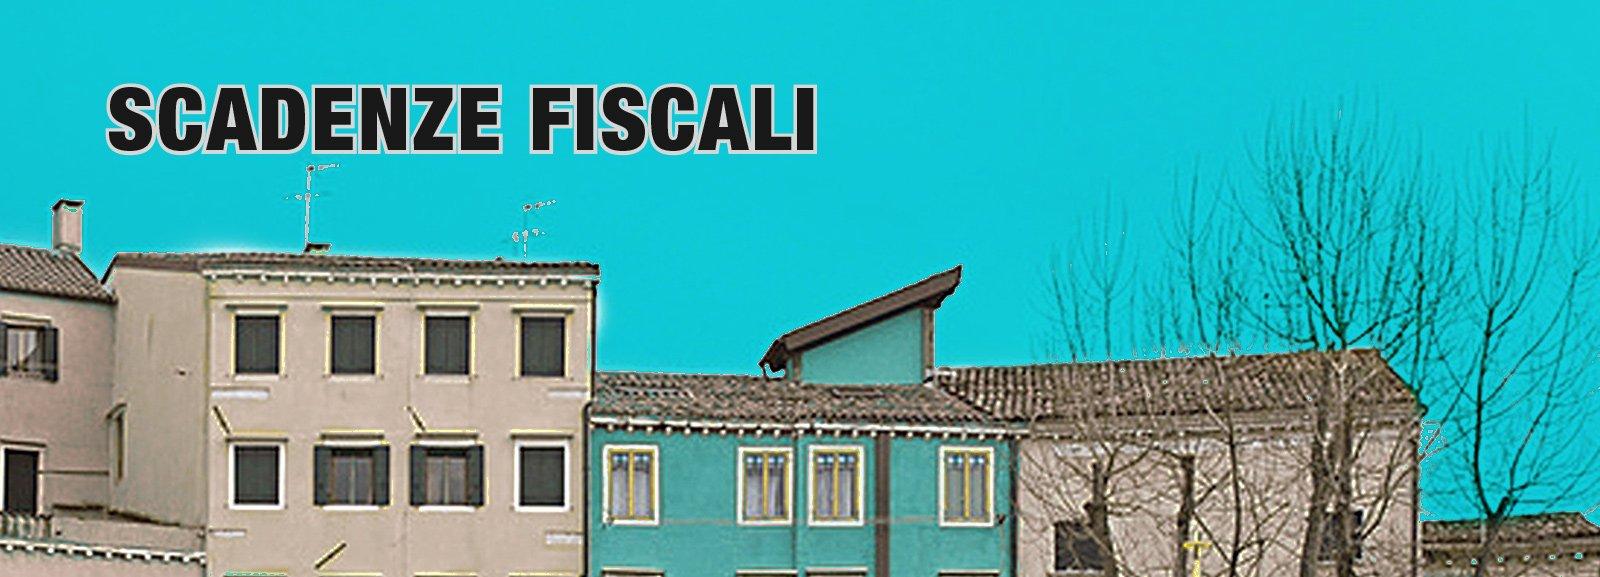 Scadenze fiscali 2017 cose di casa - Agevolazioni fiscali giardino 2017 ...